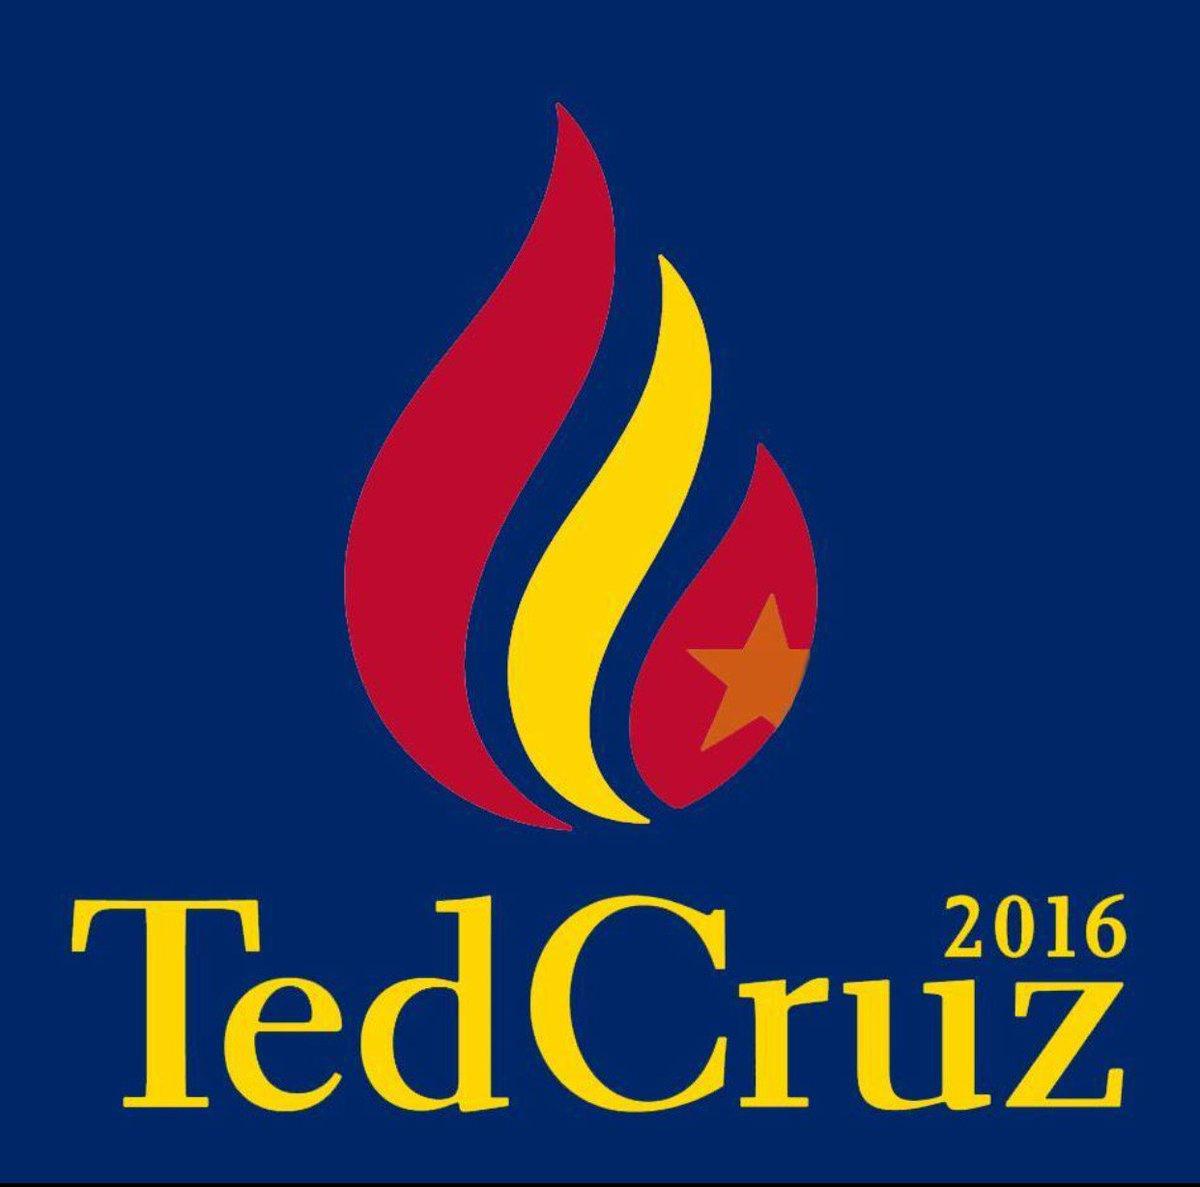 For you, Arizona #CruzCrew! #tcot #gop #UniteWithCruz #AZpol #AZPrimary #ArizonaPrimary https://t.co/L2dzGlIM87